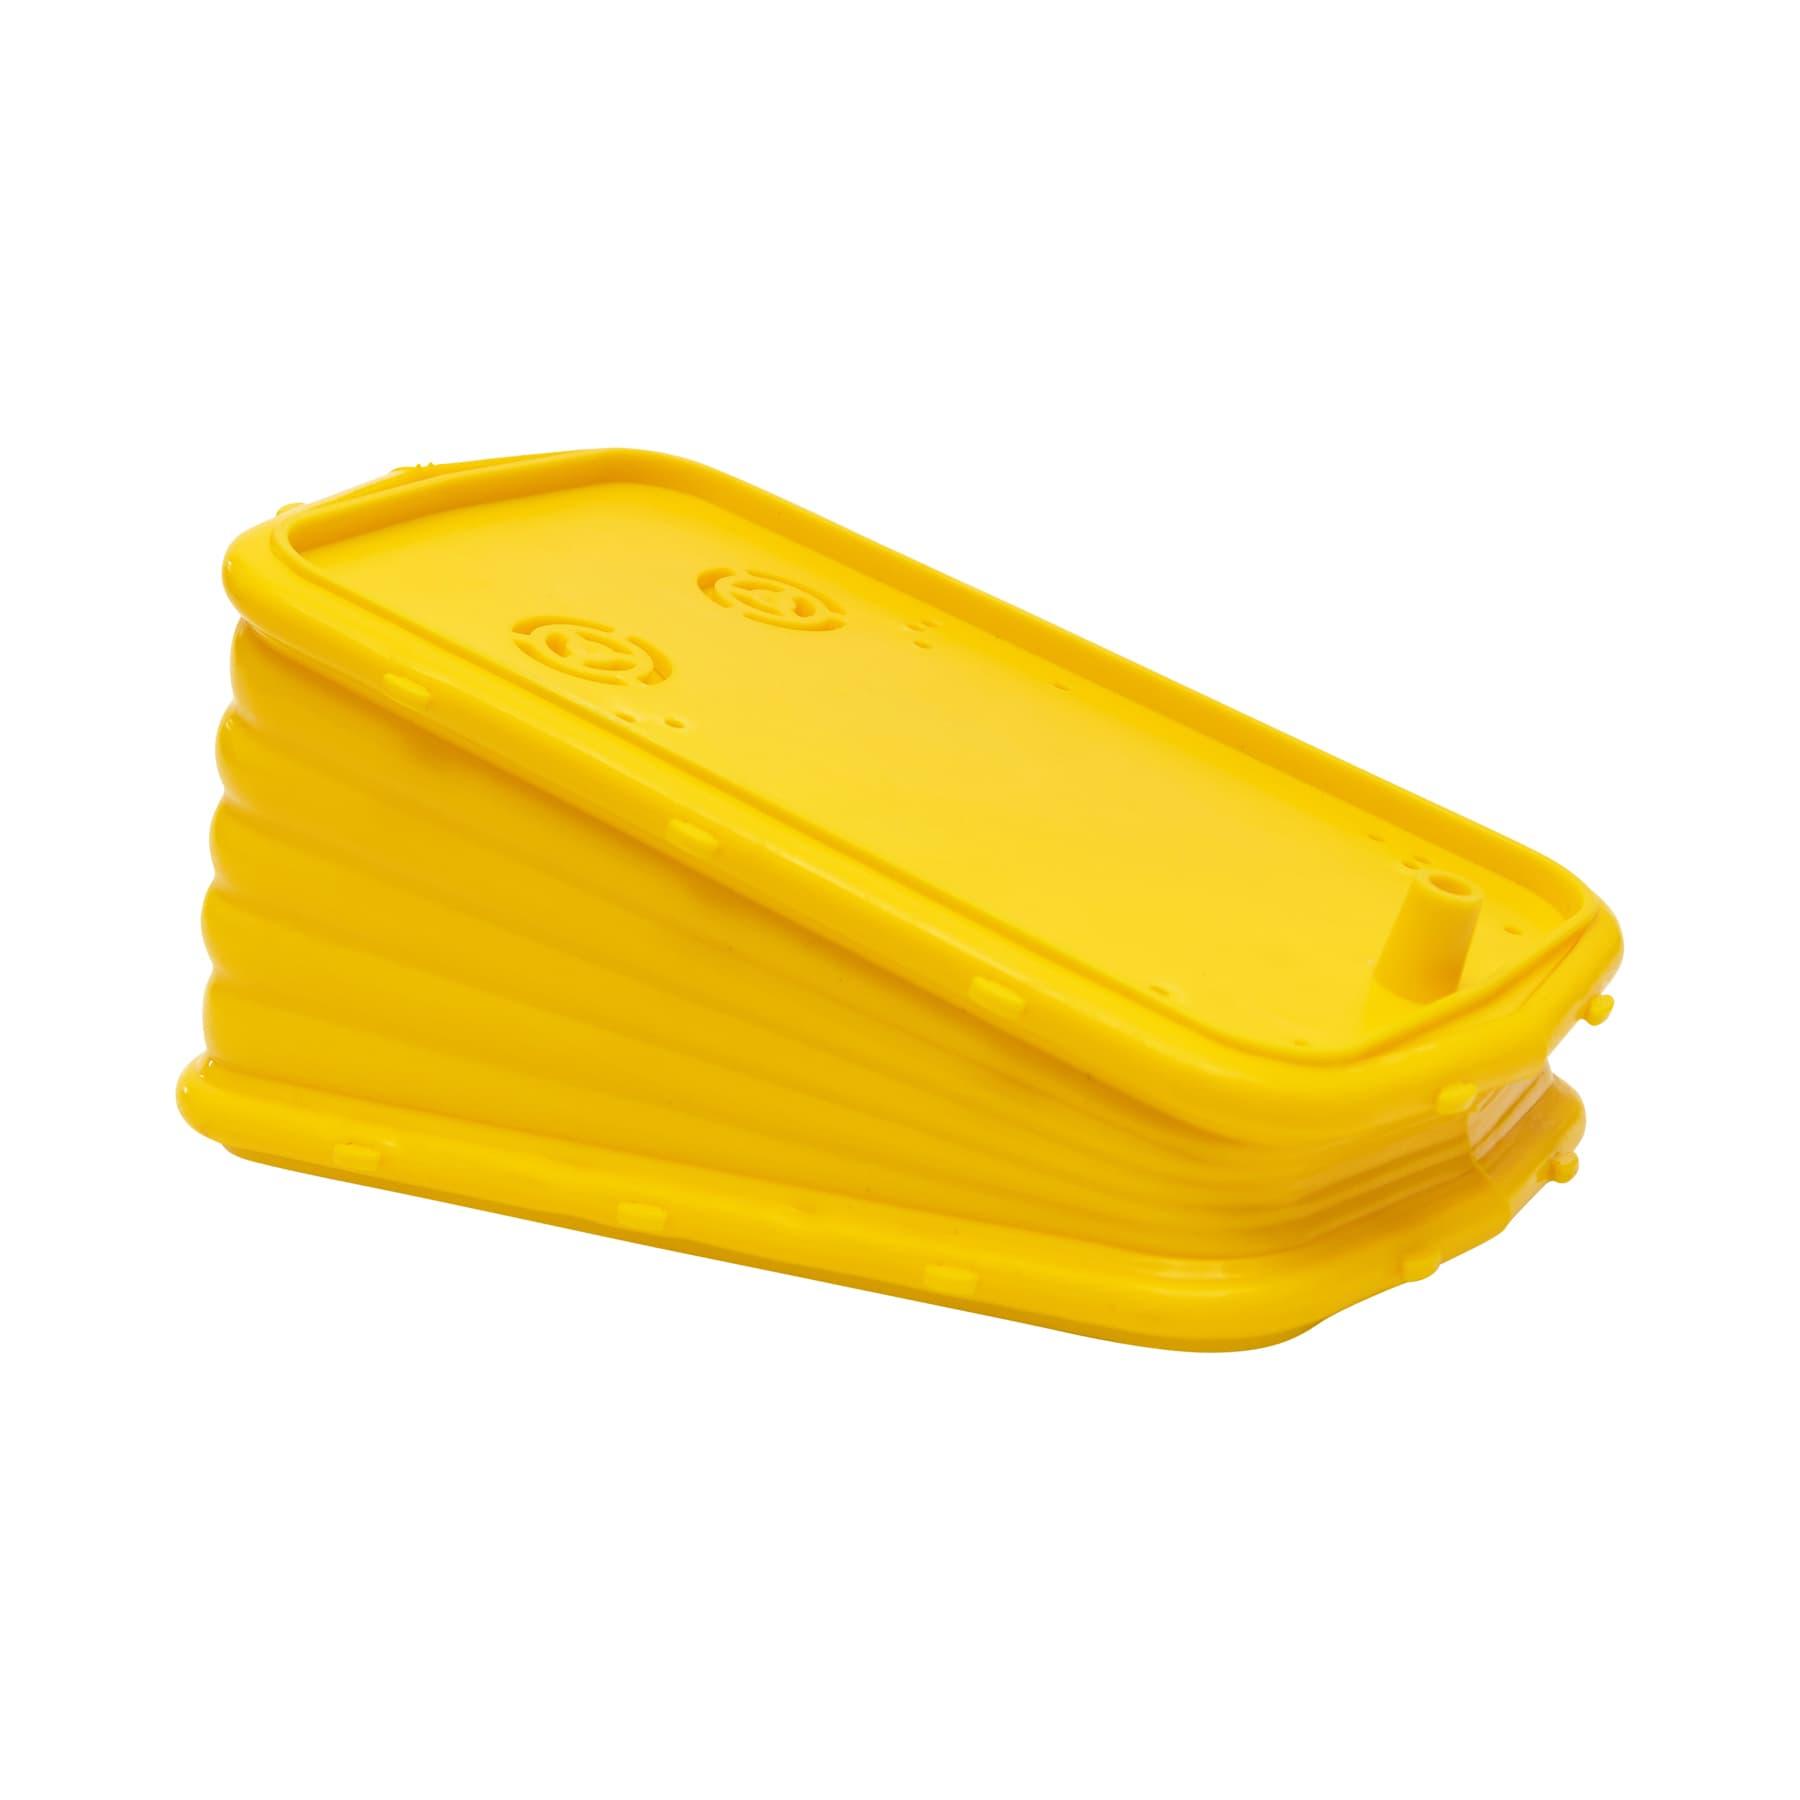 Ersatz-Blasebalg vollständig aus gelbem Kunststoff Smoker/Rauchbläser